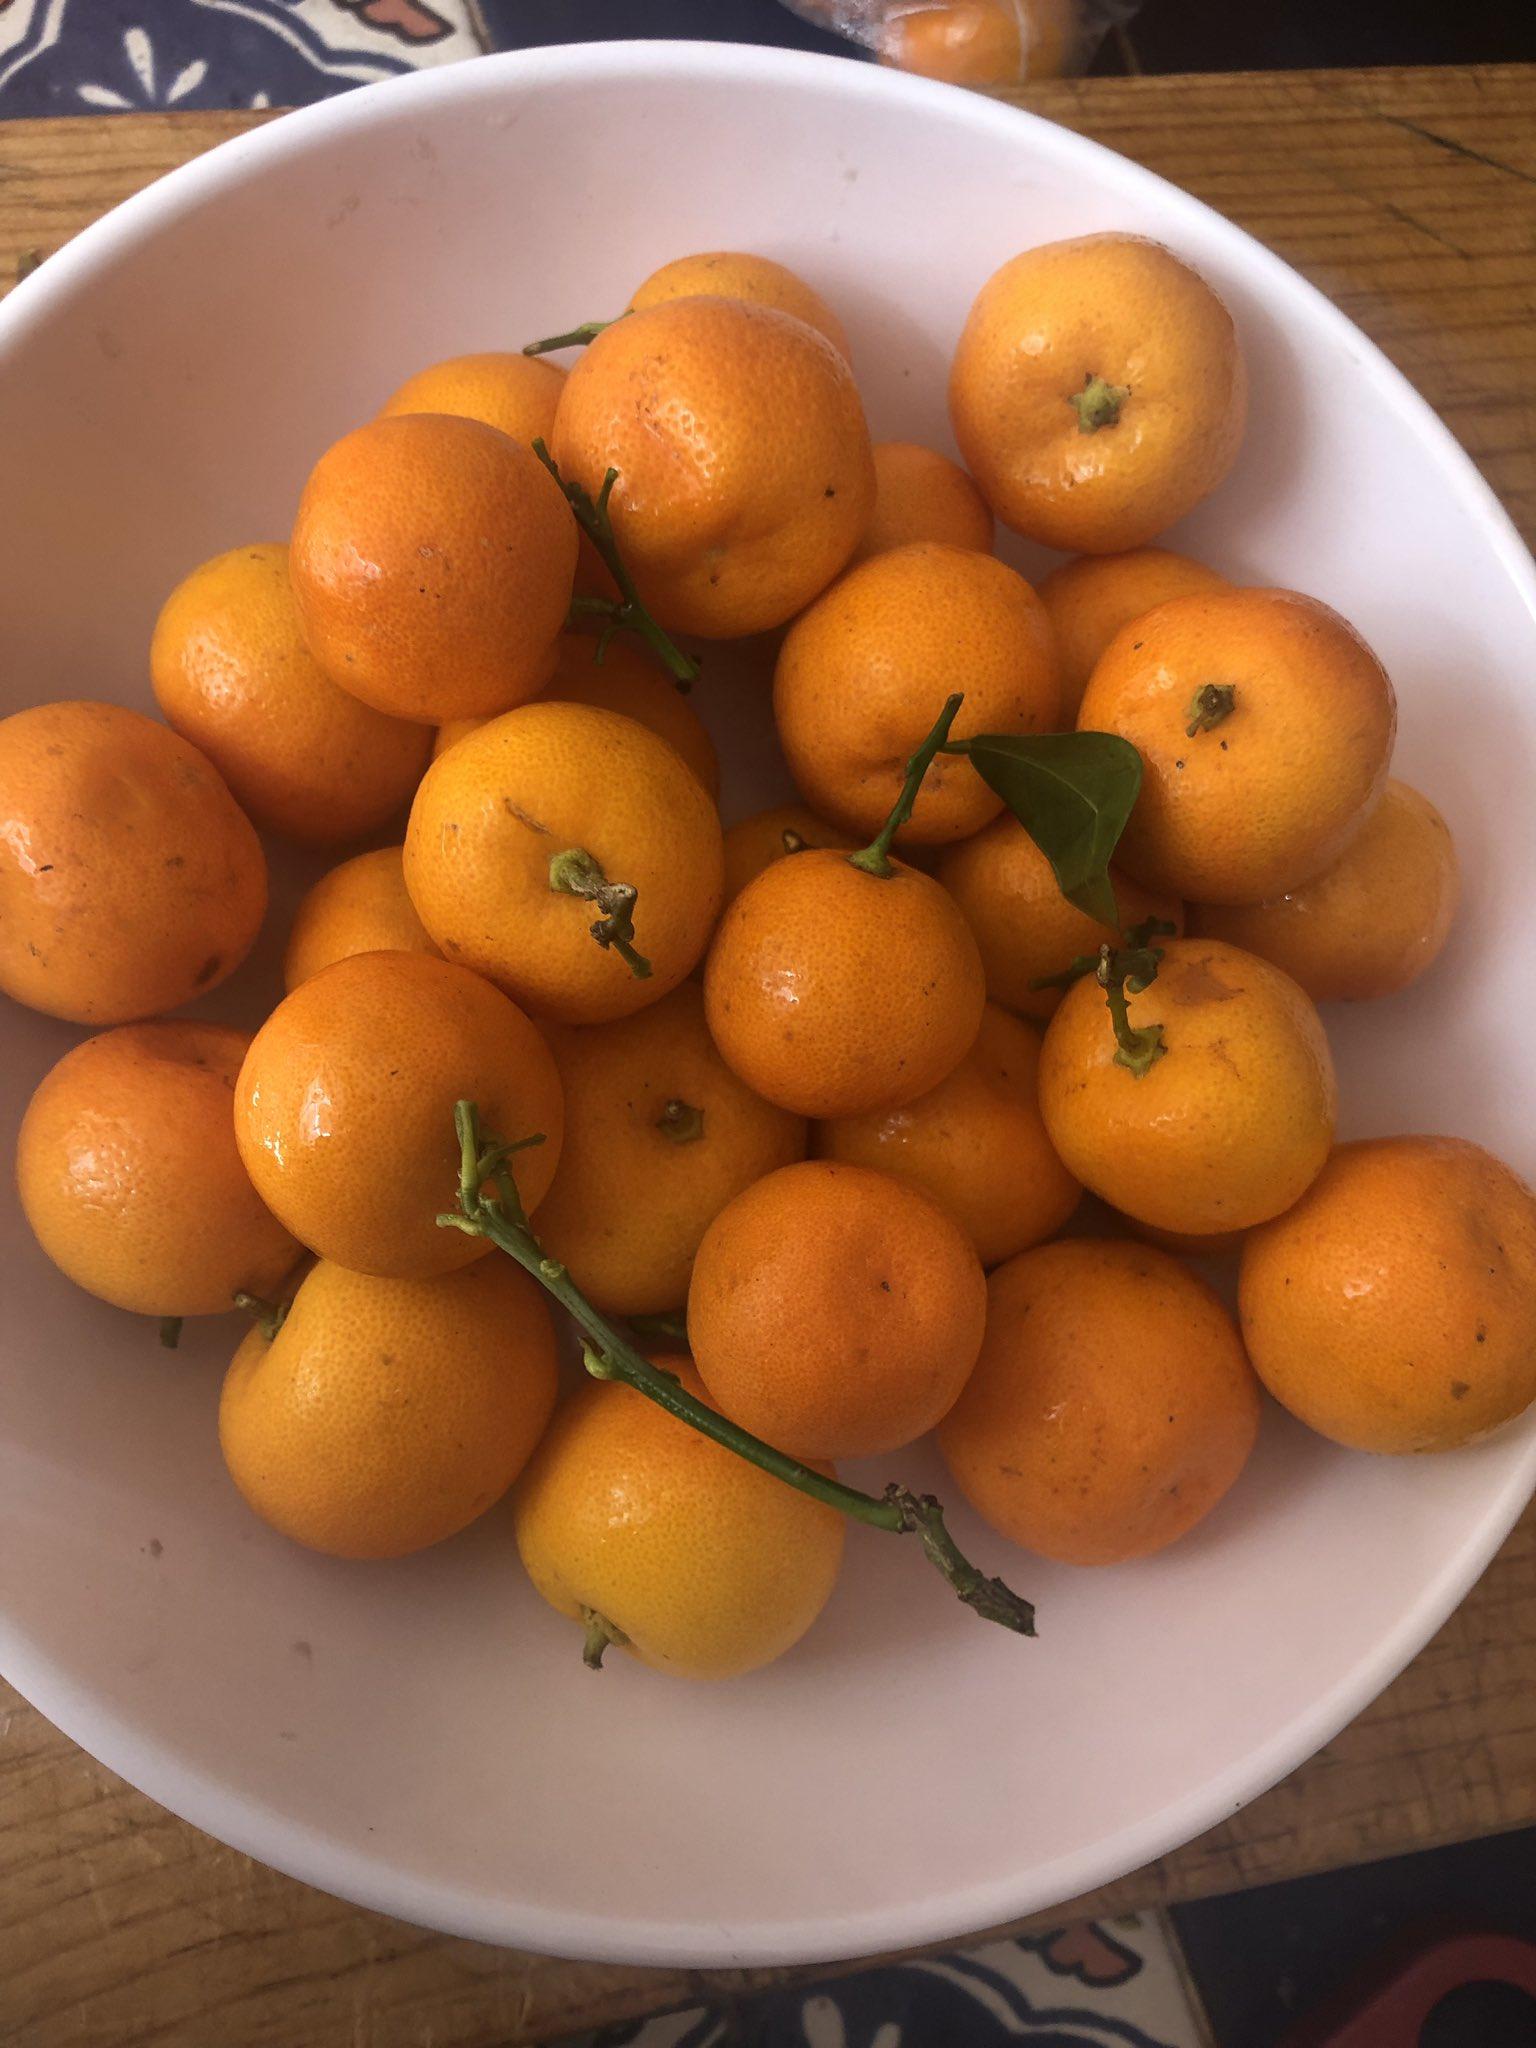 """constanza lameiras on Twitter: """"Me traje de Sinaloa unas naranjitas chinas  (mis vecinos de Coyoacán tienen un árbol enorme y las tiran a la basura,  así es la vida... 🤷🏻♀️) y hoy"""